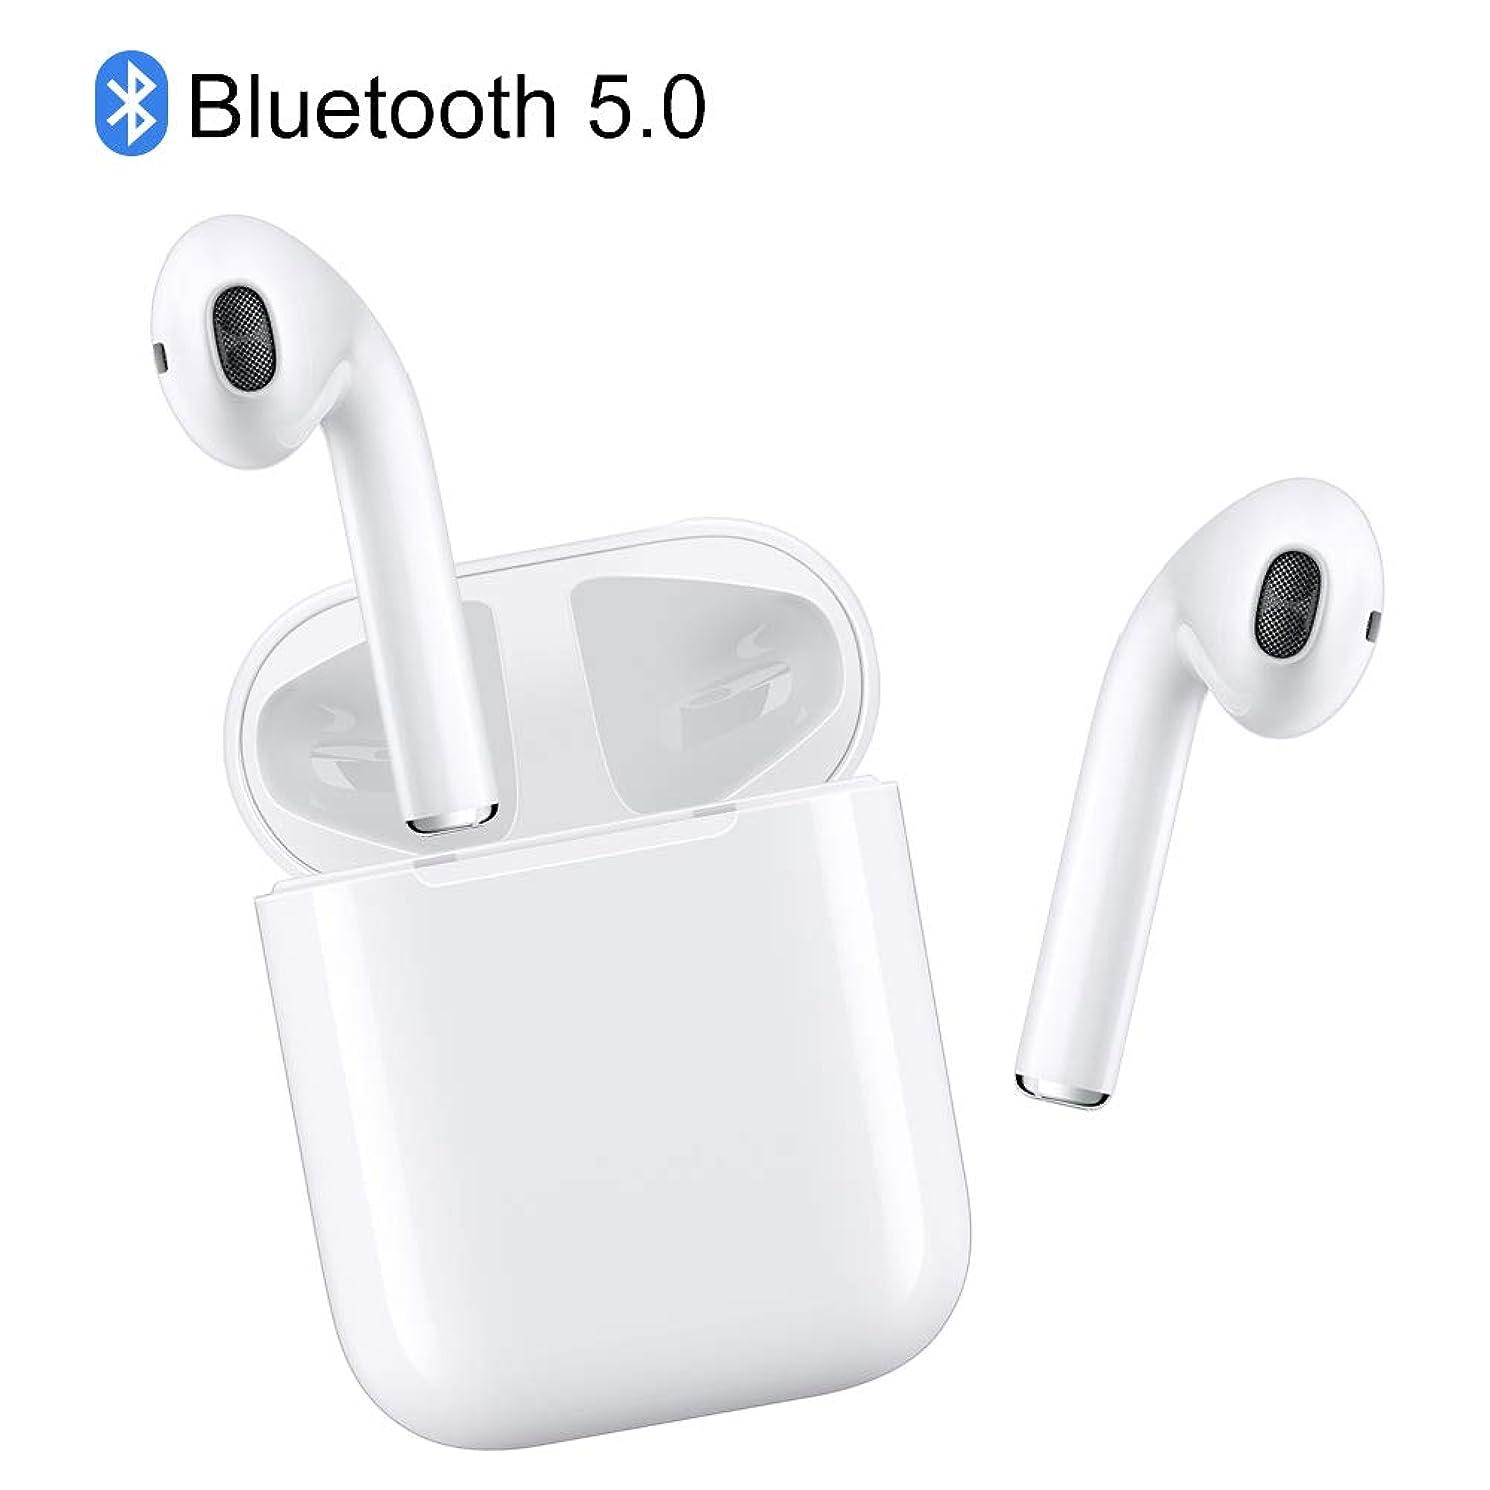 素晴らしさそれに応じて作業ワイヤレス イヤホン Bluetooth イヤホン 両耳で通話 自動ペアリング 高音質 iPhone Android対応 充電ケース付き